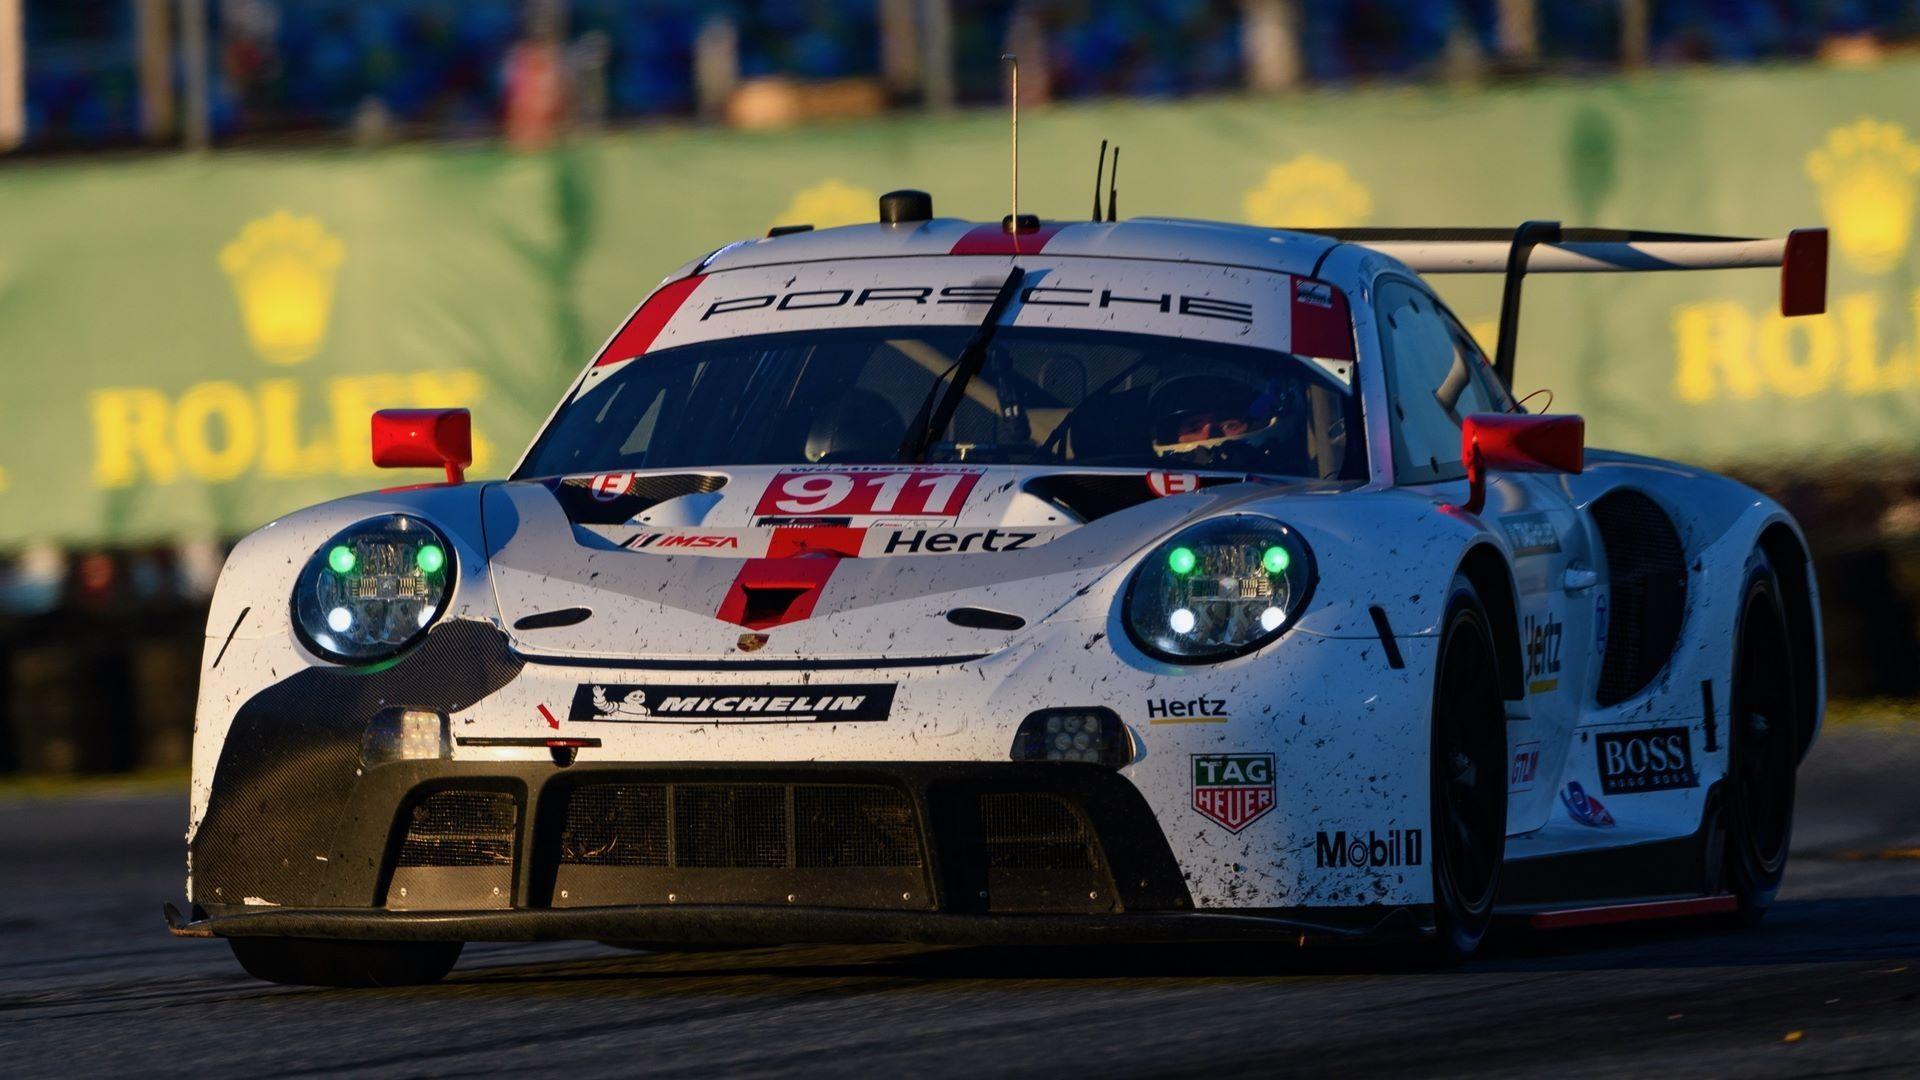 Porsche 911 RSR (911), Porsche GT Team: Nick Tandy (GB), Frederic Makowiecki (F), Matt Campbell (AUS)